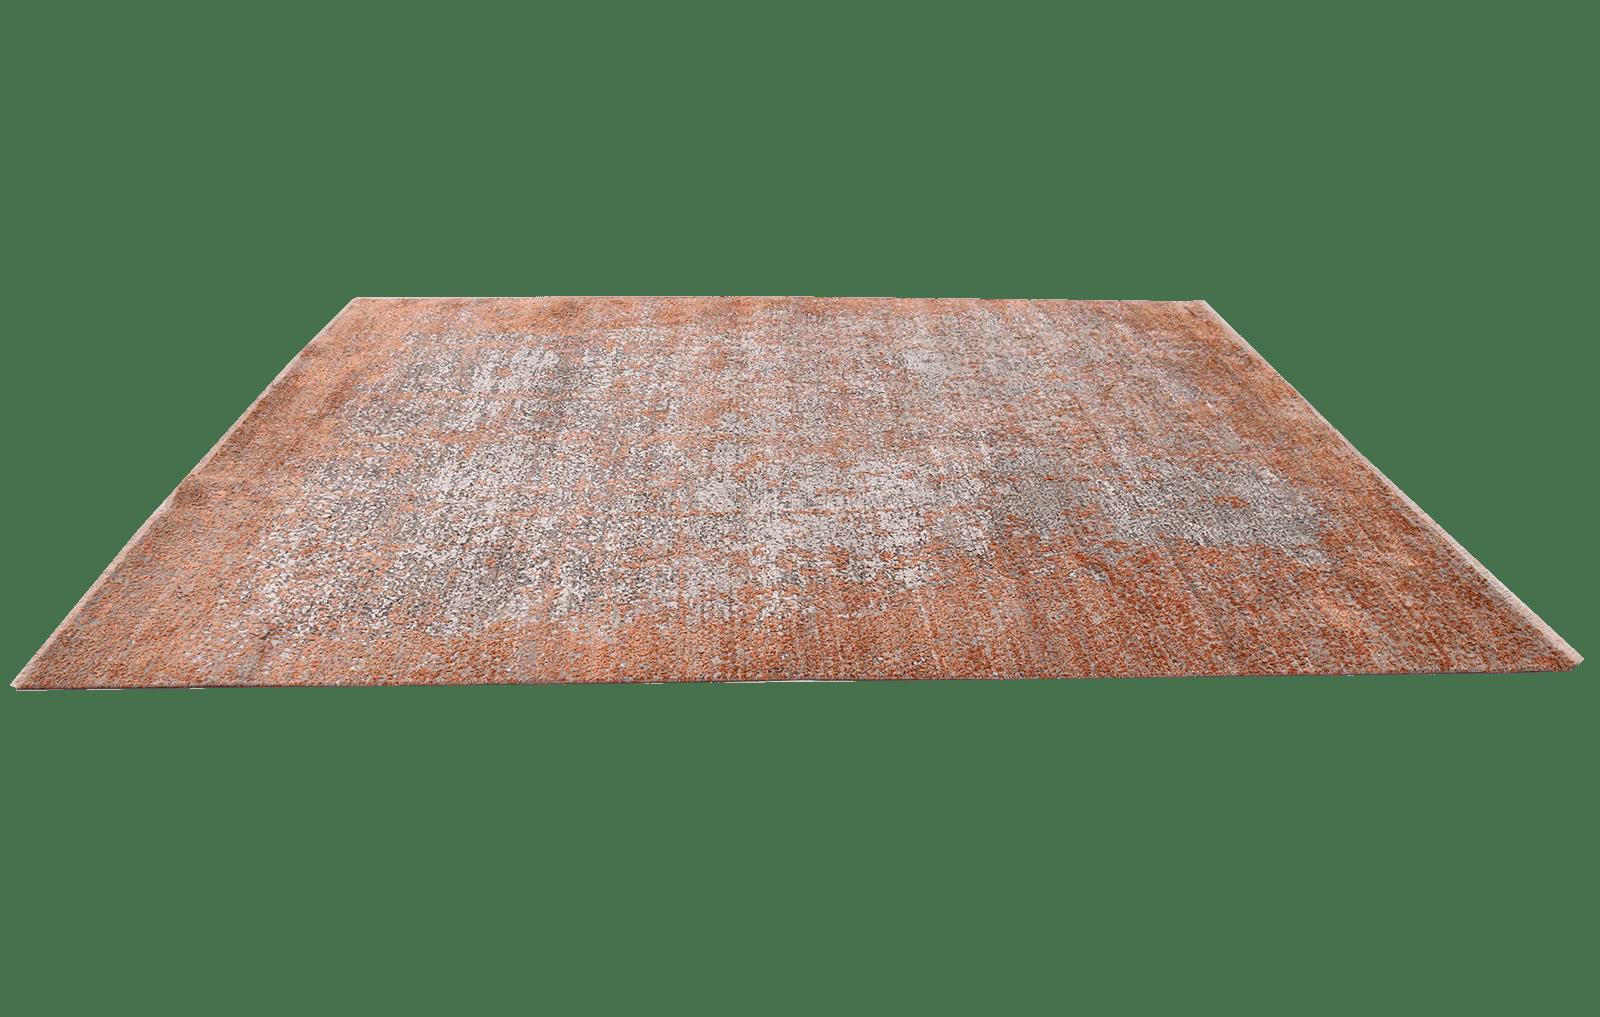 bentayga-design-tapijt-luxe-moderne-exclusieve-design-tapijten-luxe-vloerkleden-zijde-roest-goud-oranje-creme-300x241-koreman-maastricht-4253-midden